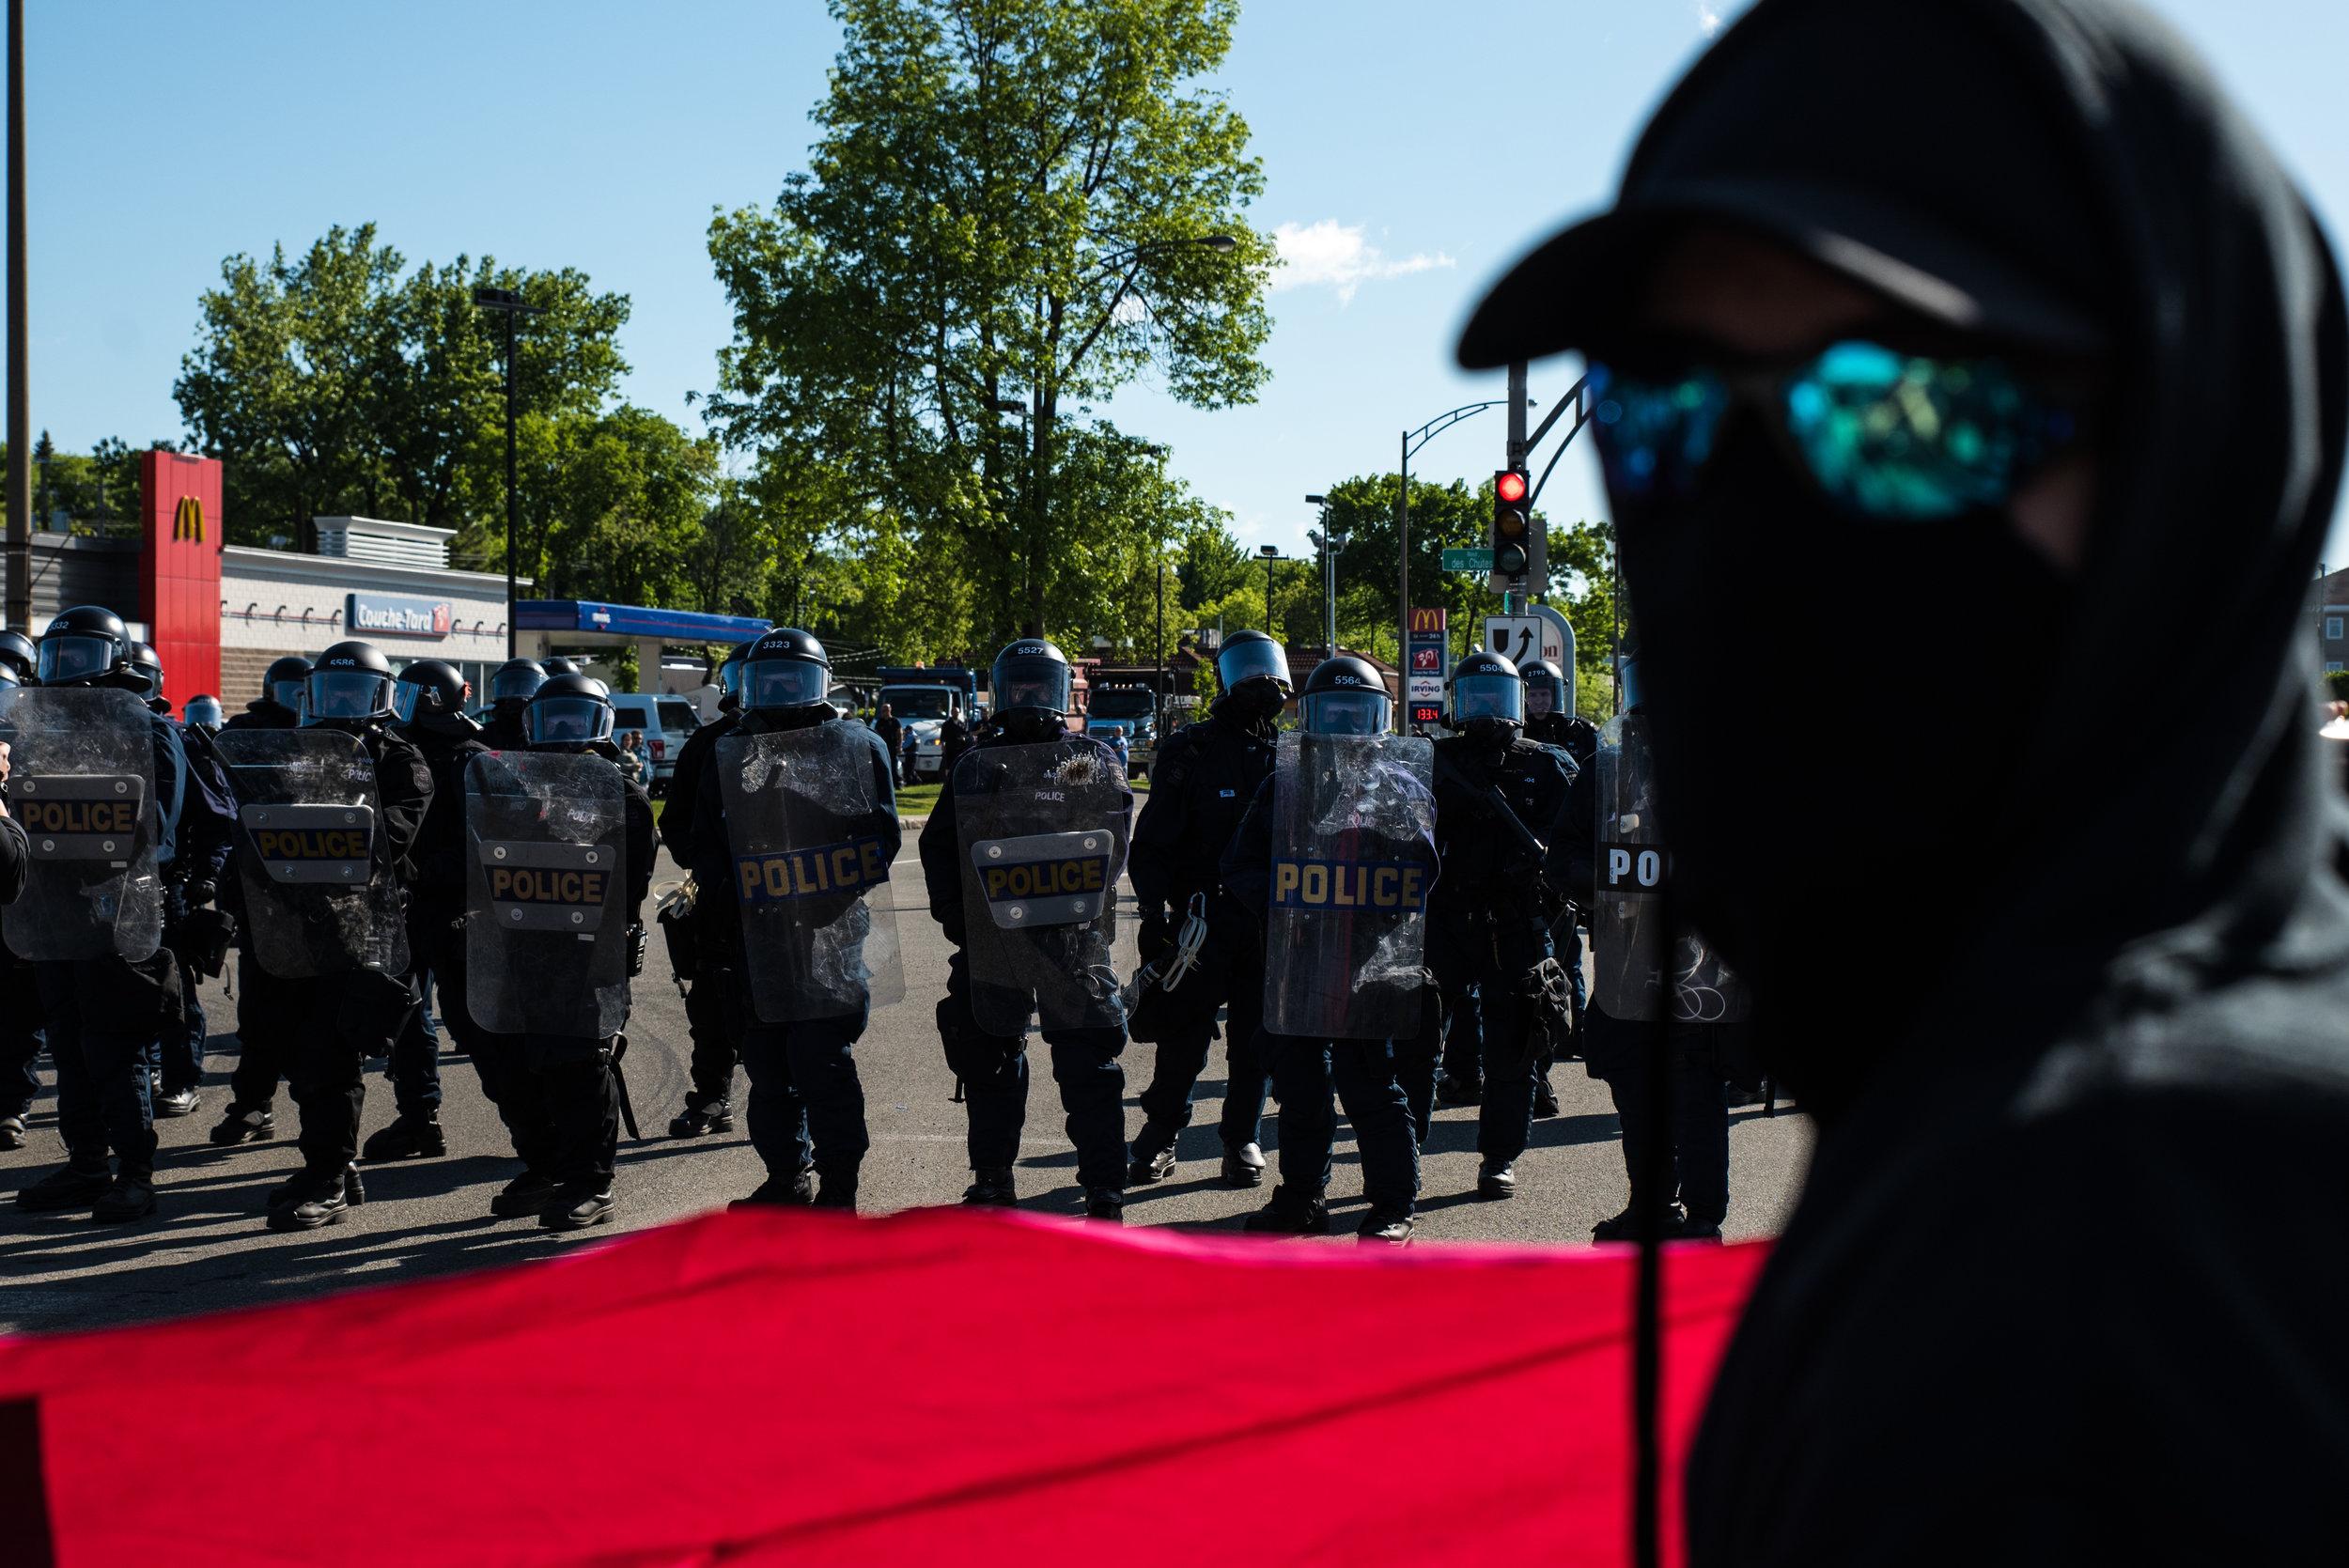 G7 Summit: June 8, 2018